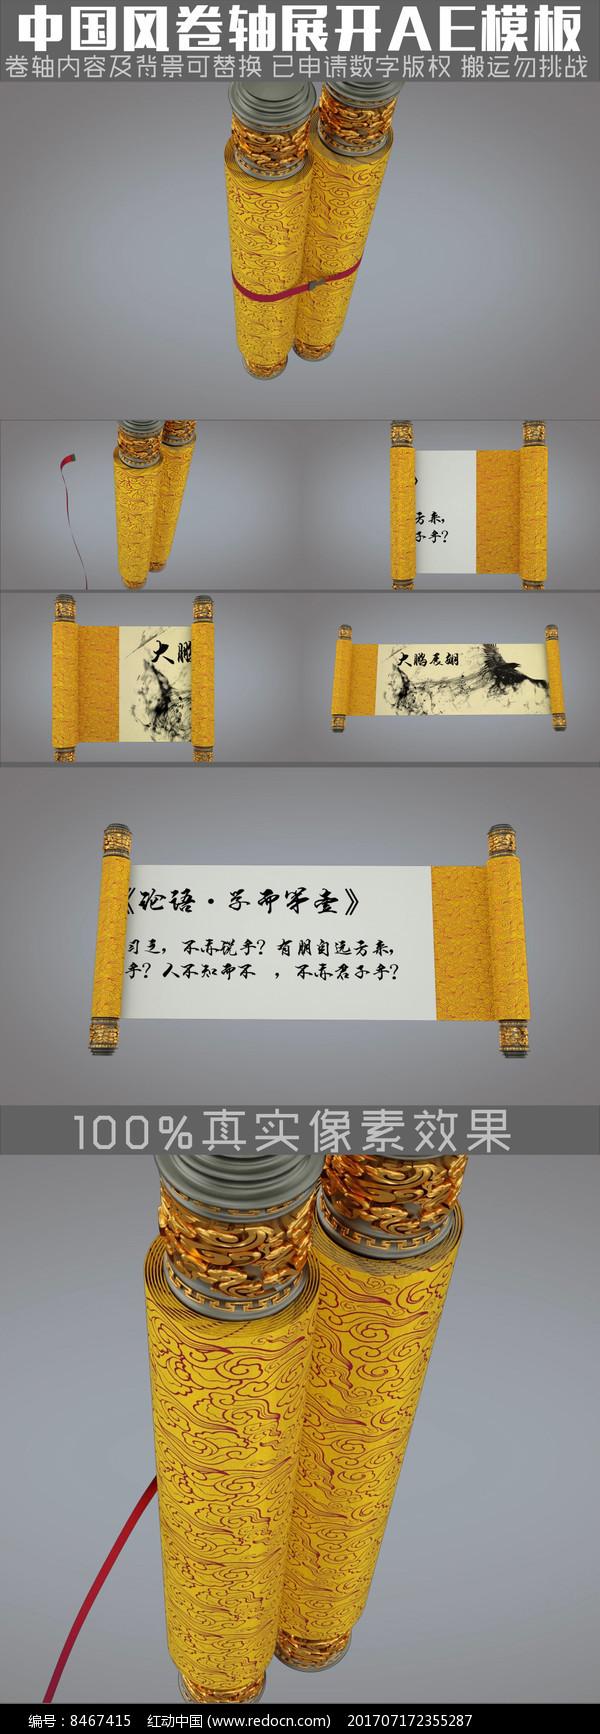 中国风卷轴打开动画AE模板图片